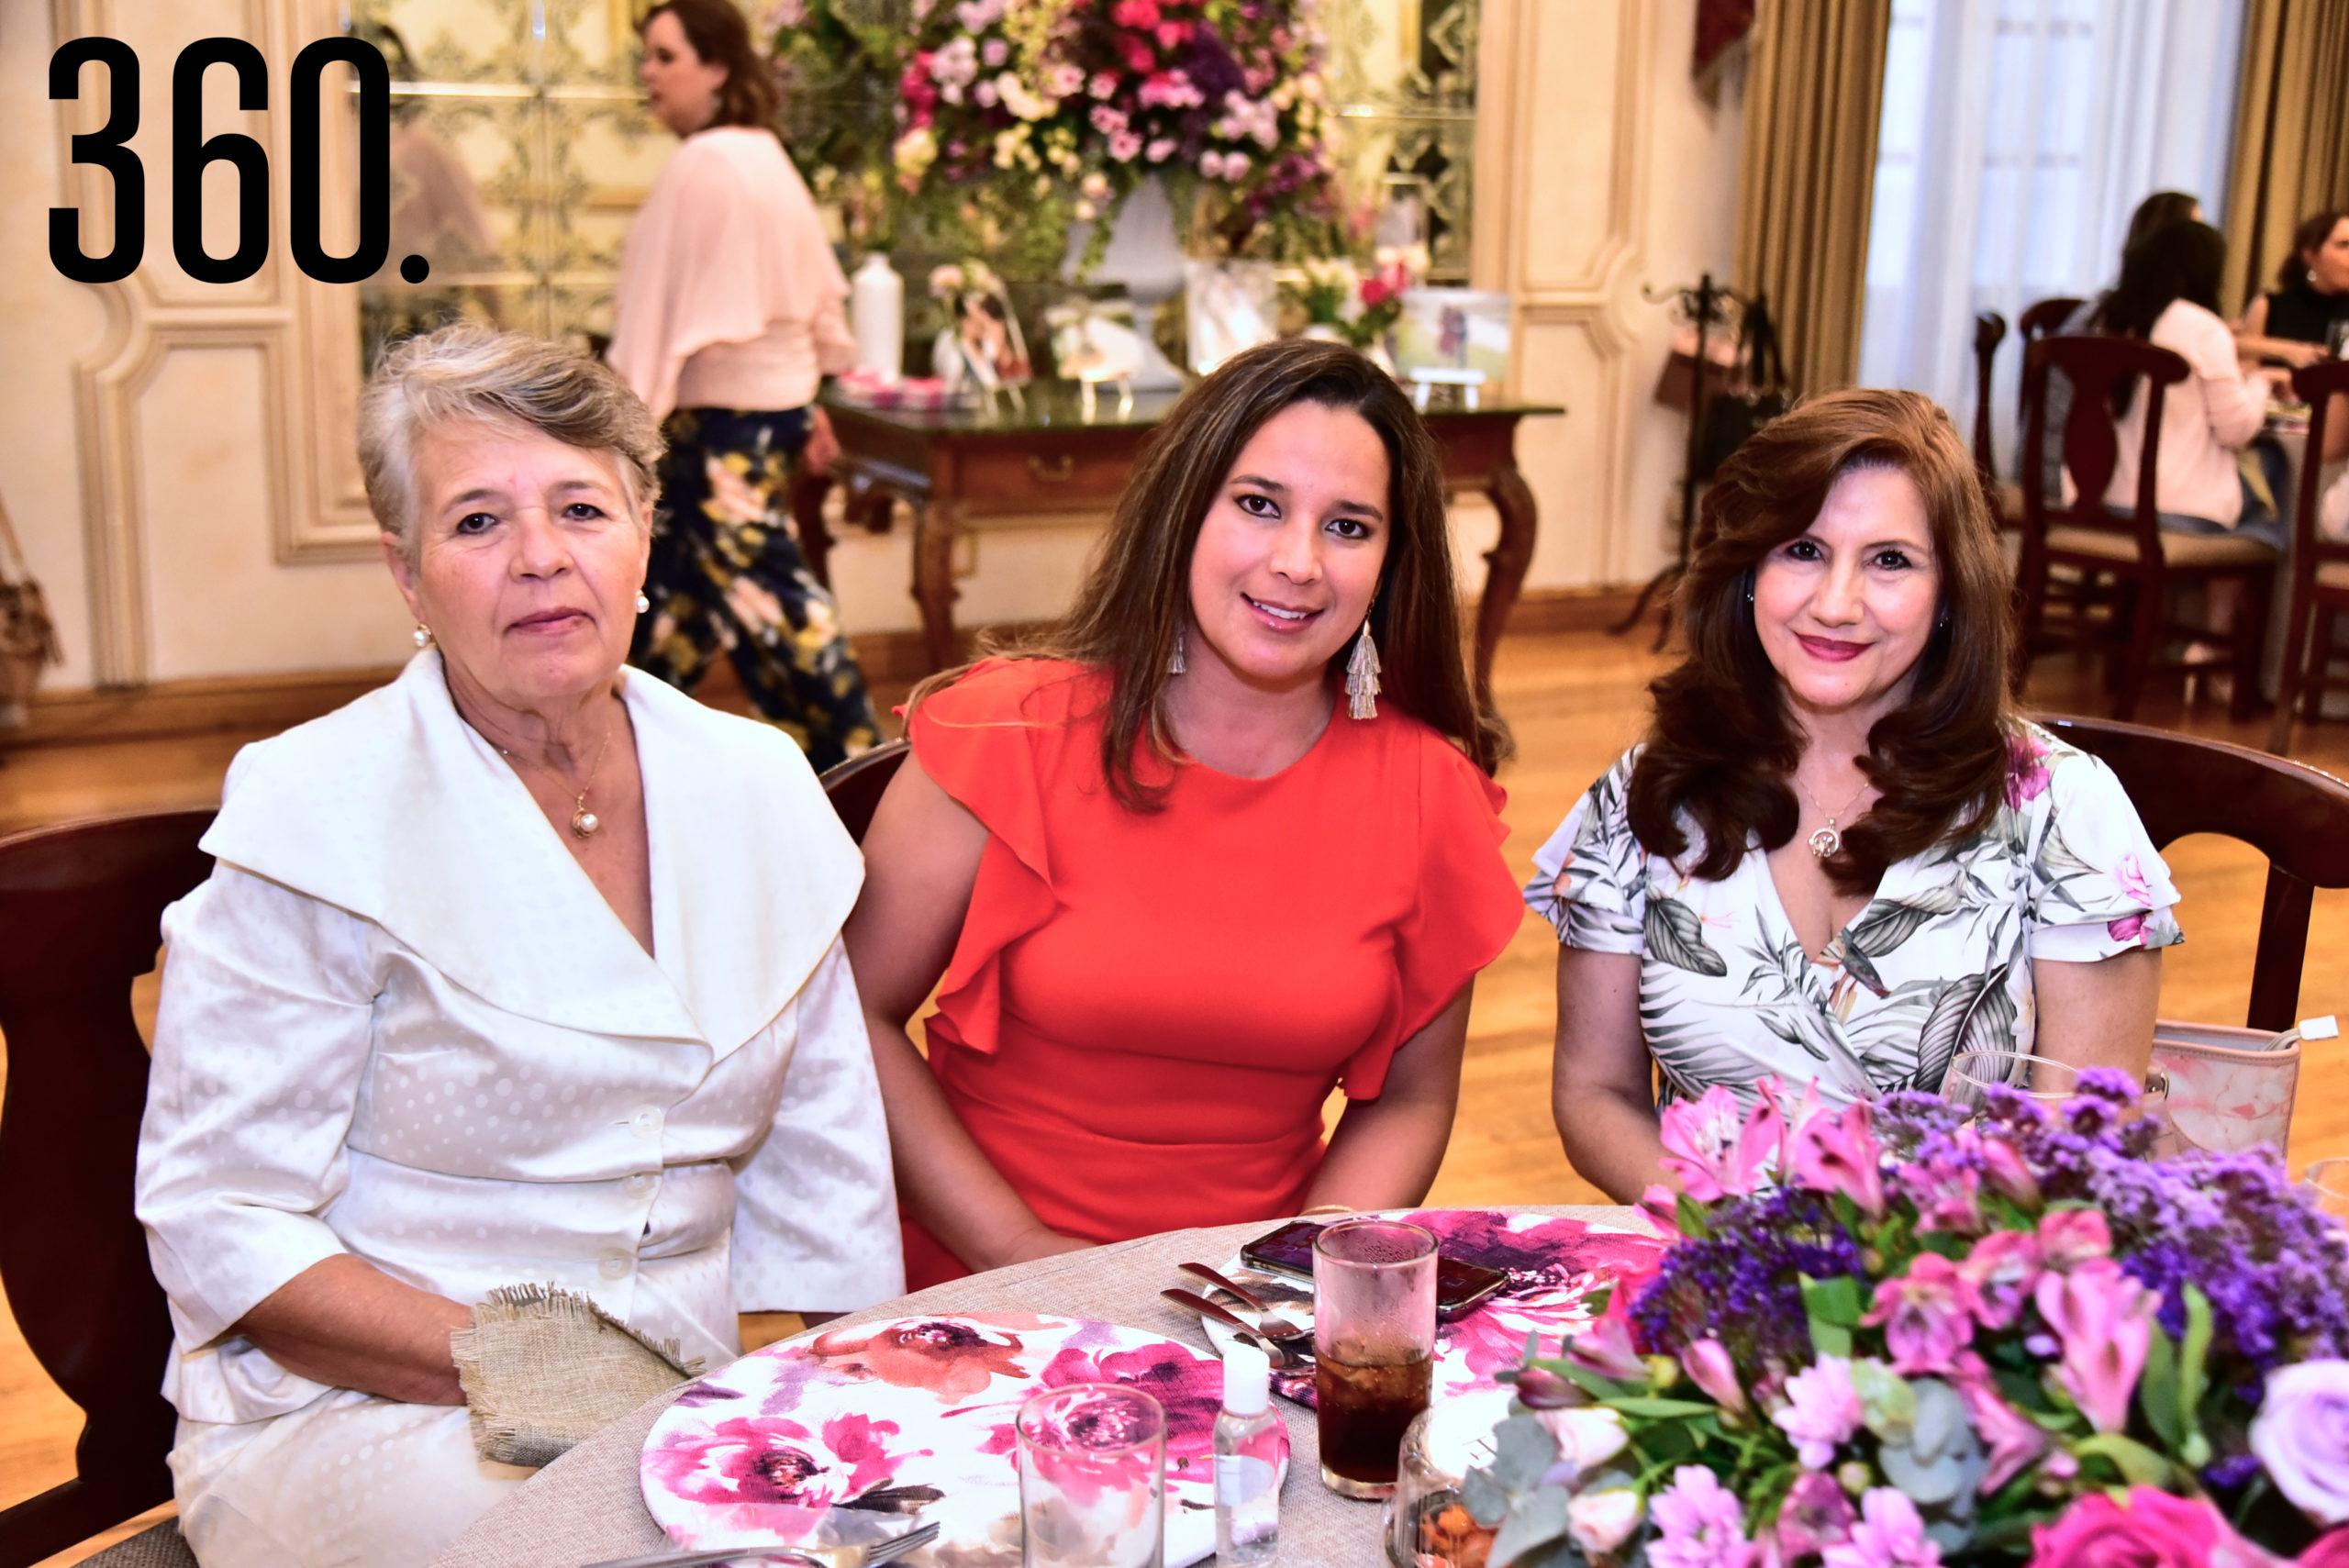 Verónica de la Garza, Verónica Rosales y Dalia Rodríguez.